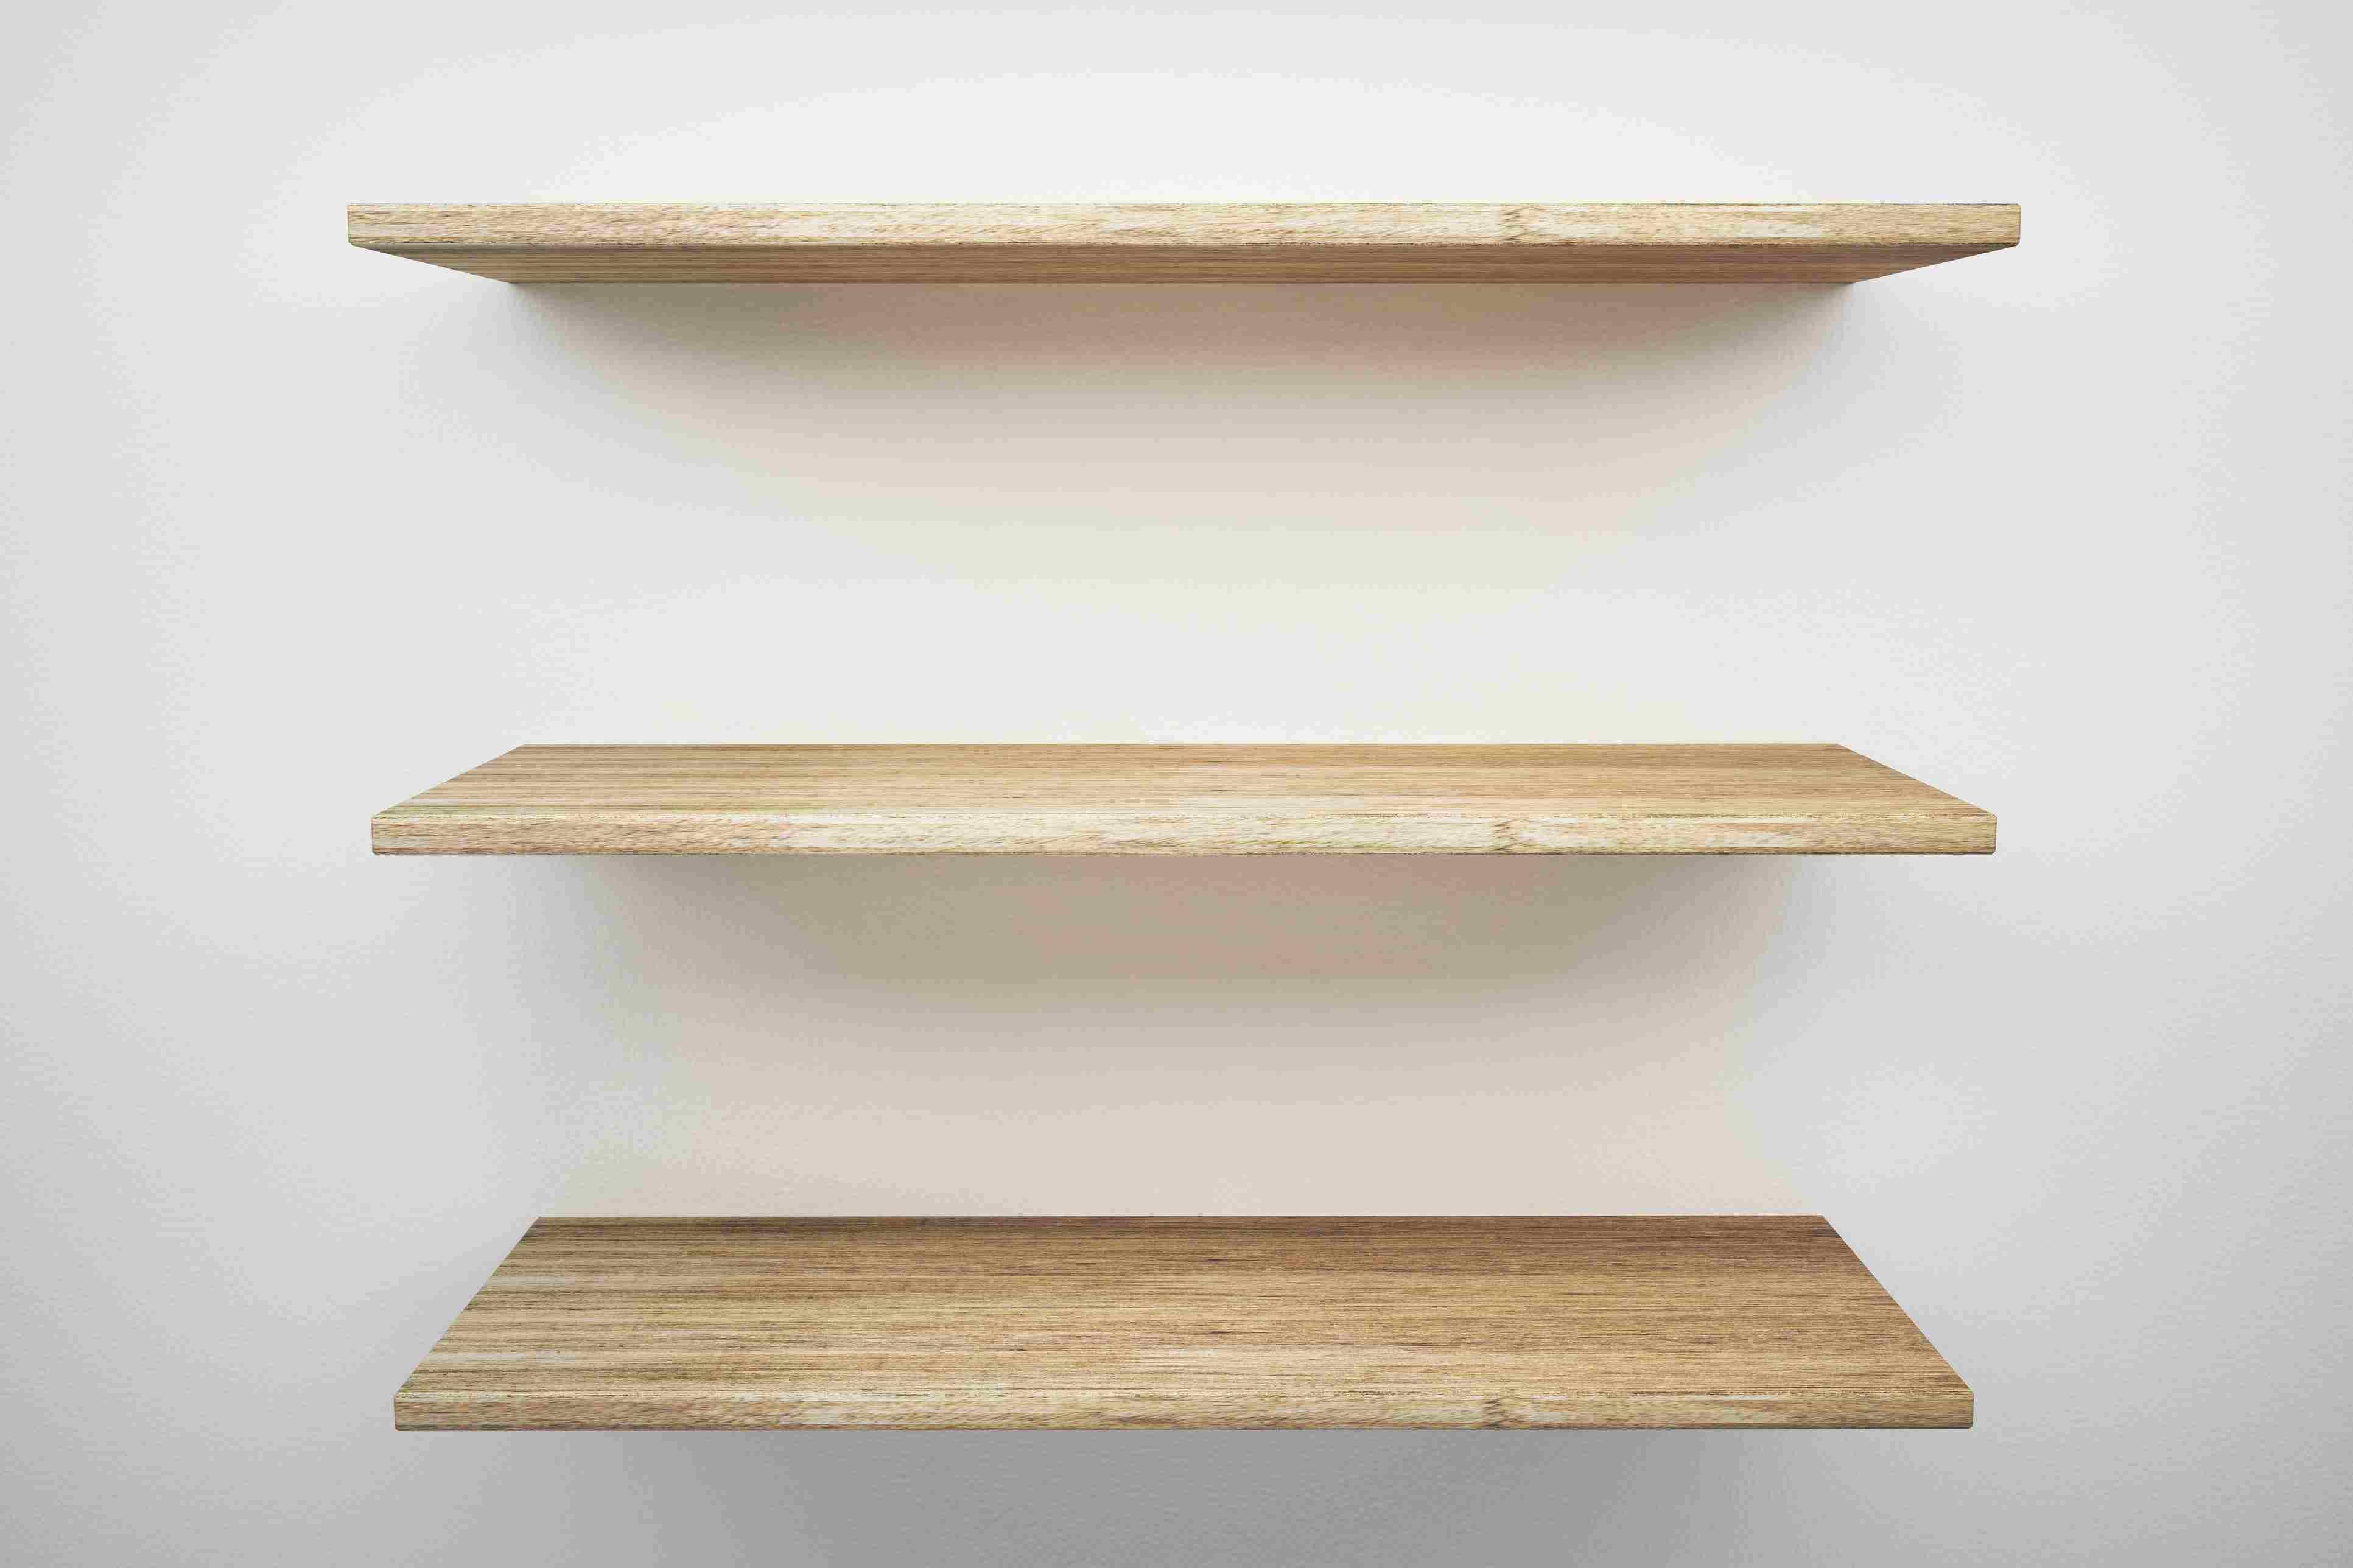 wooden shelves mounted on white wall 5b7cf7ebc9e77c